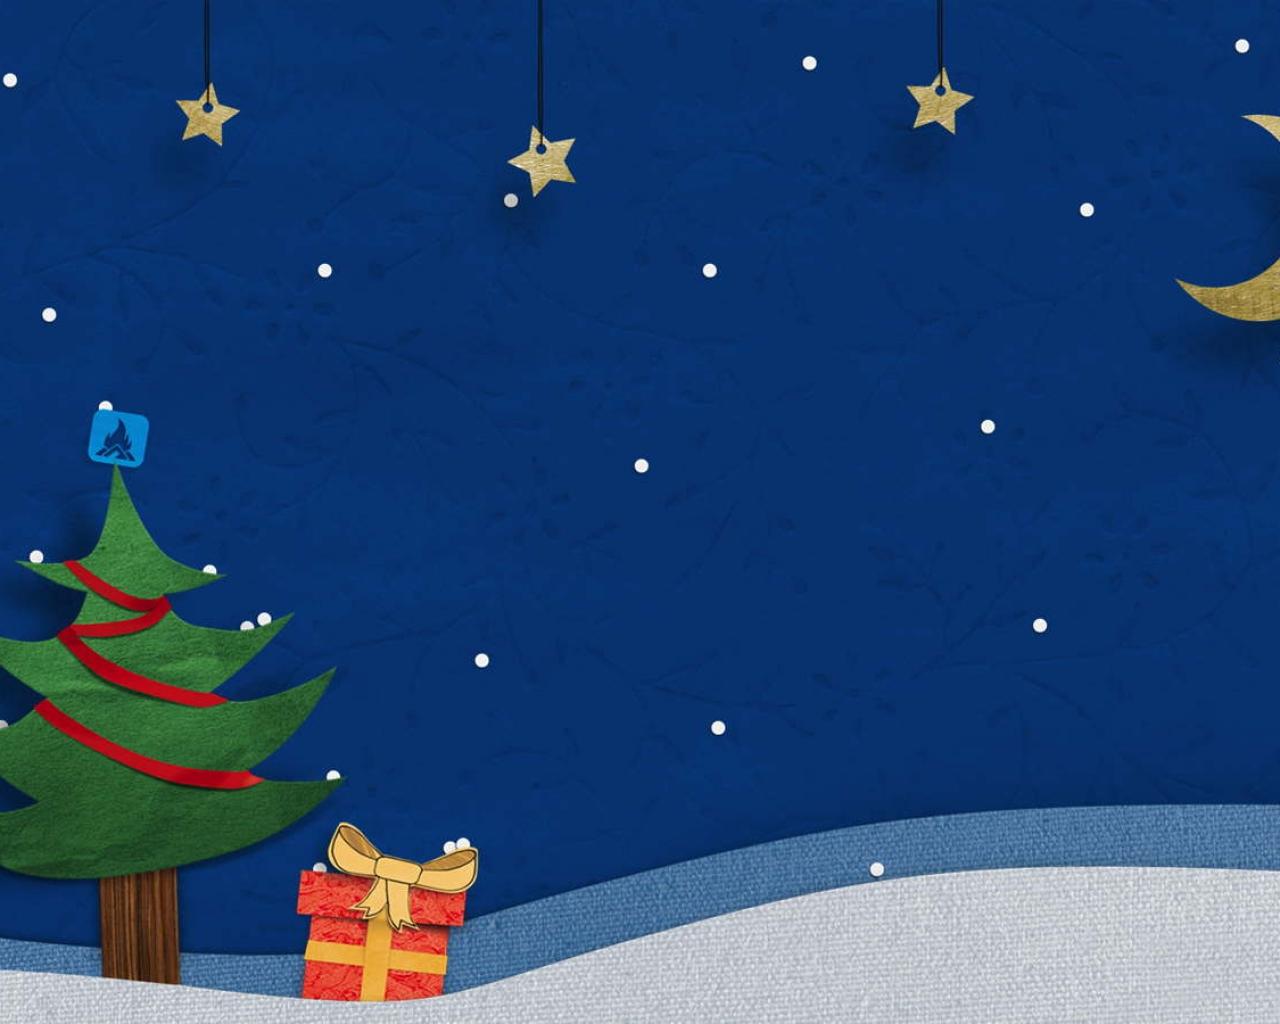 Una noche de navidad - 1280x1024